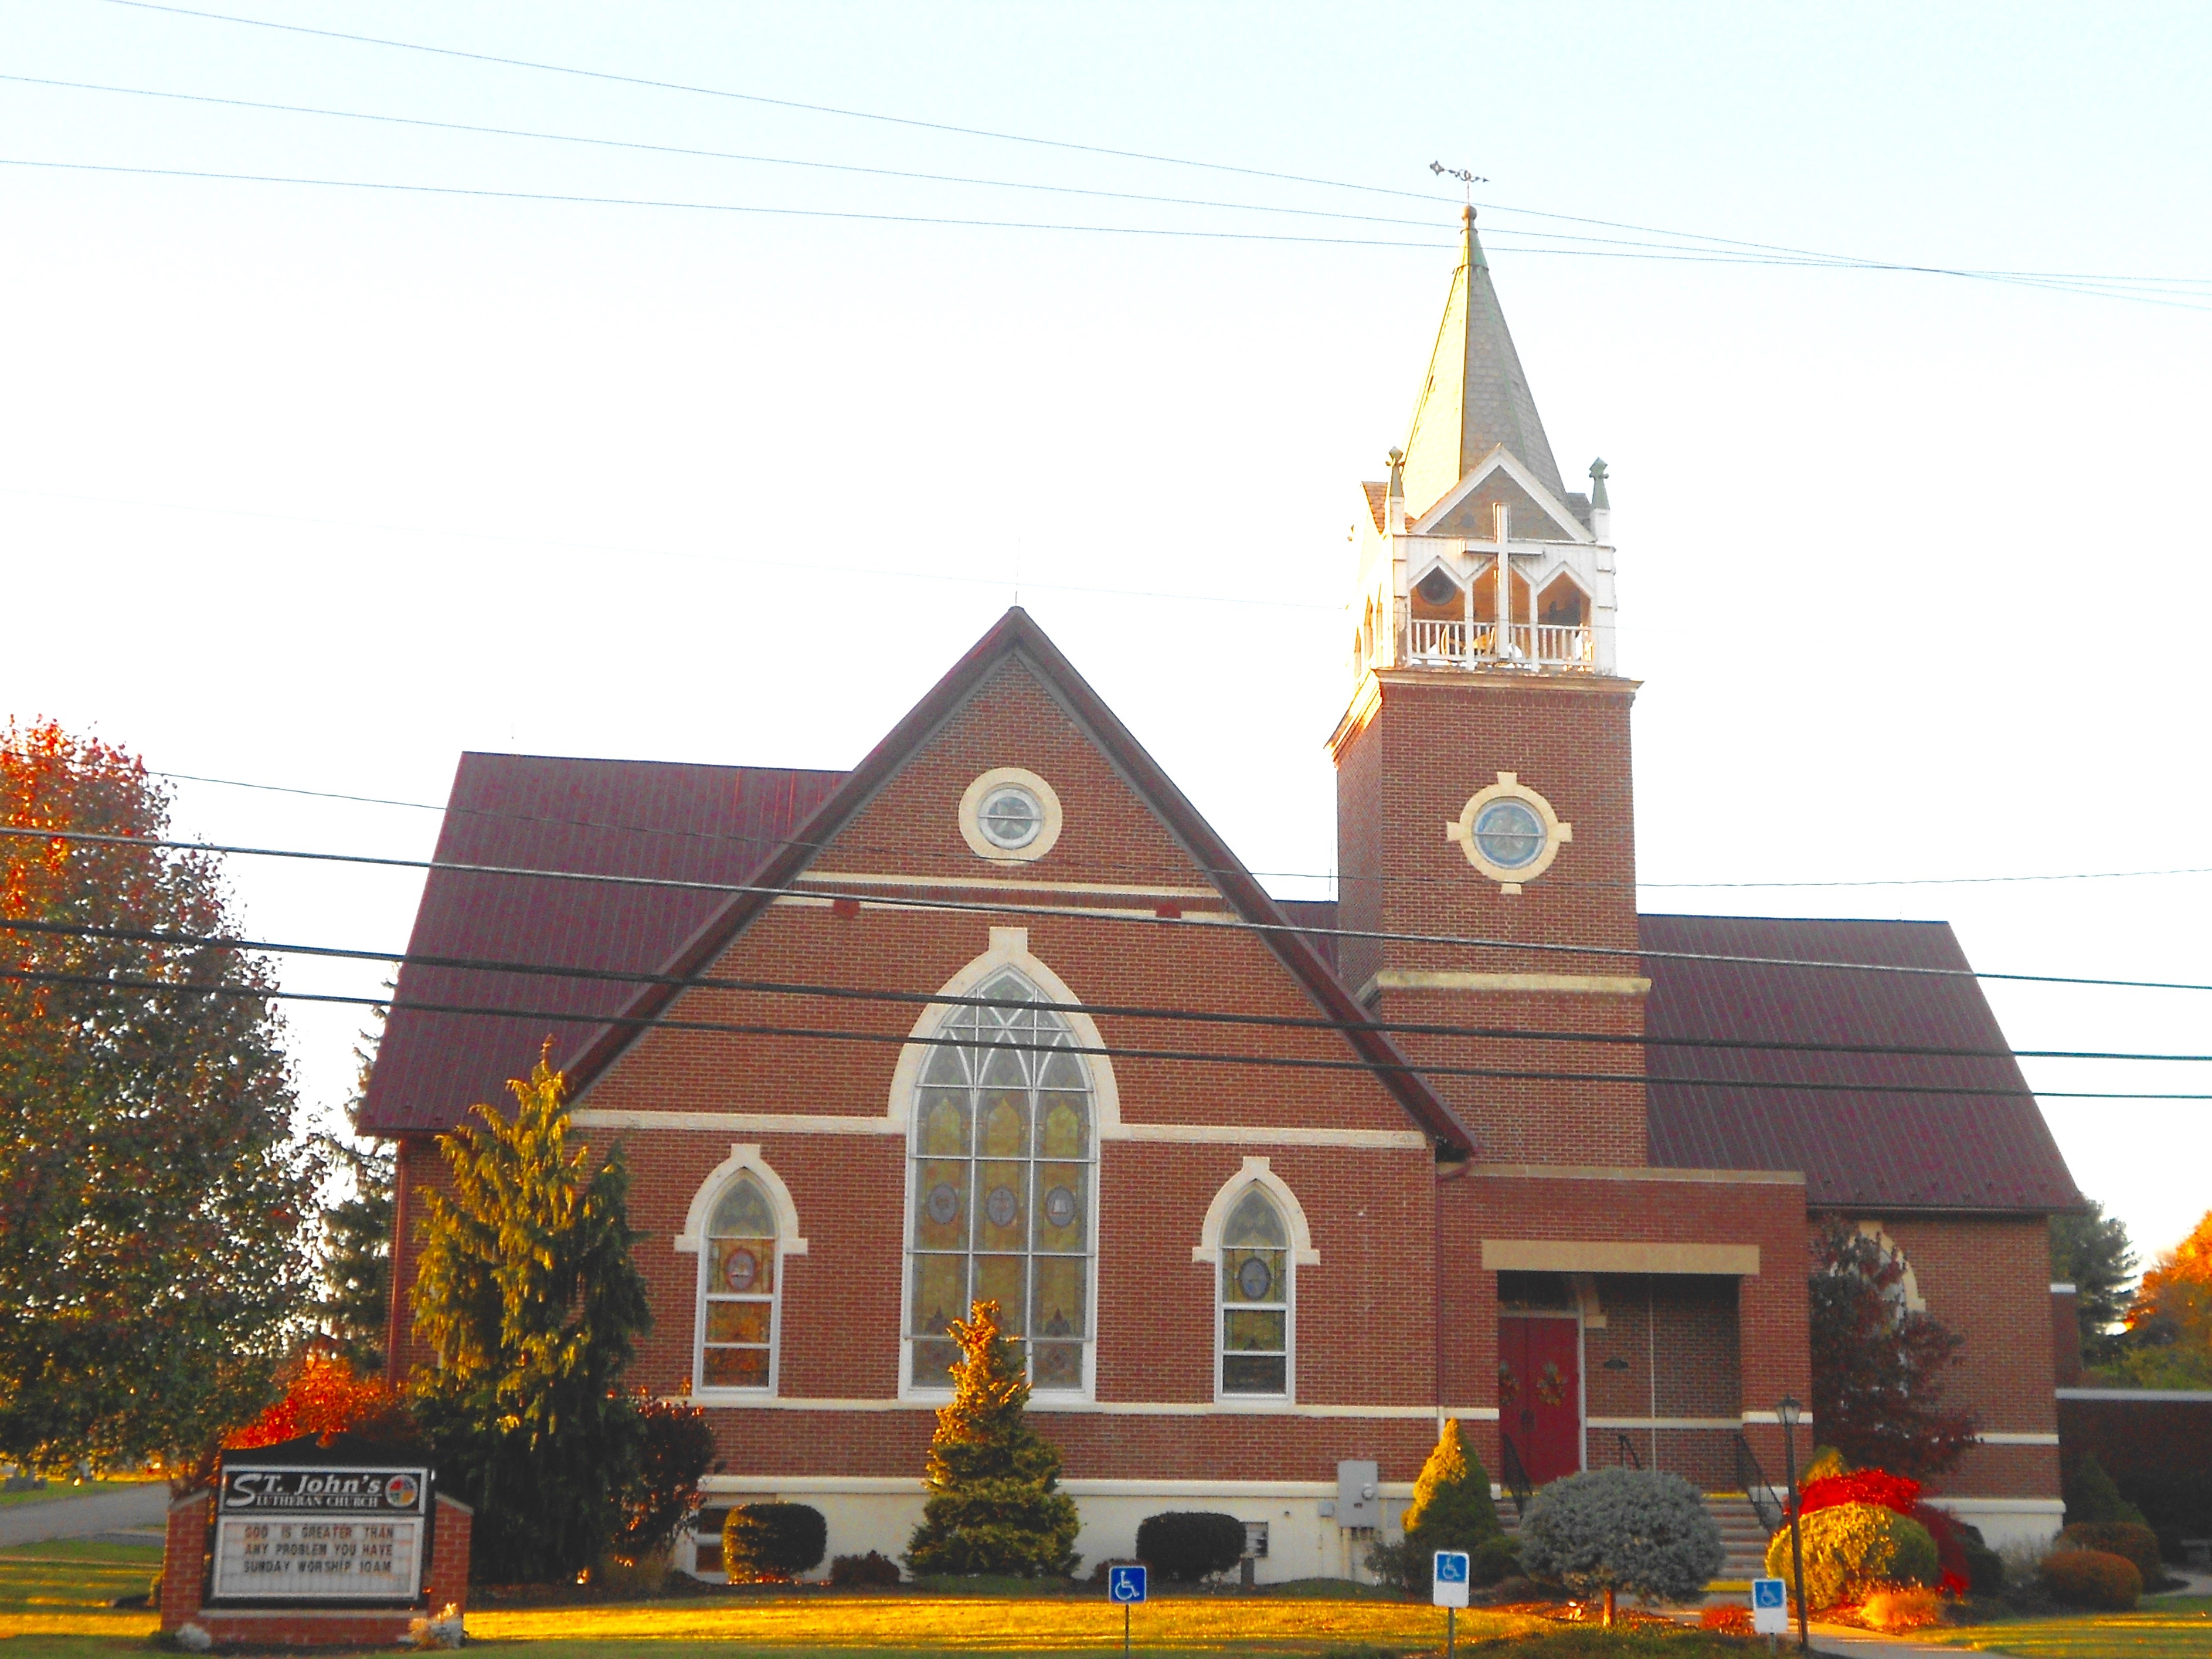 Municipio de Butler (condado de Luzerne, Pensilvania)